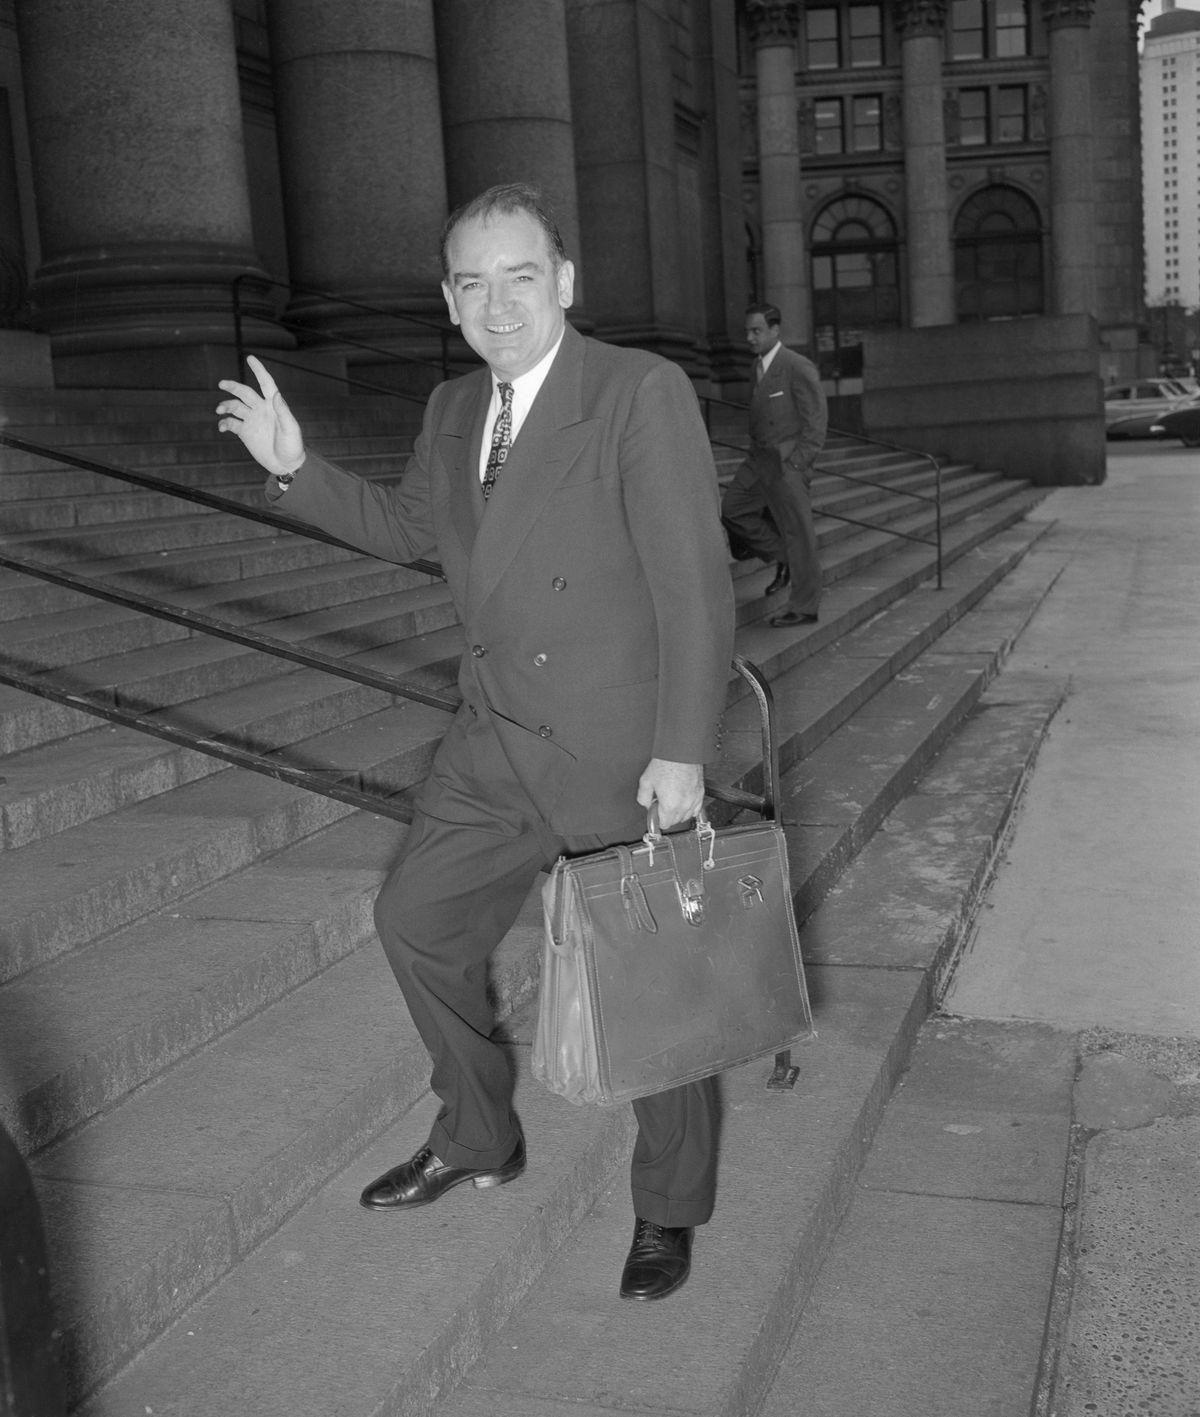 Joe McCarthy Walking up Steps